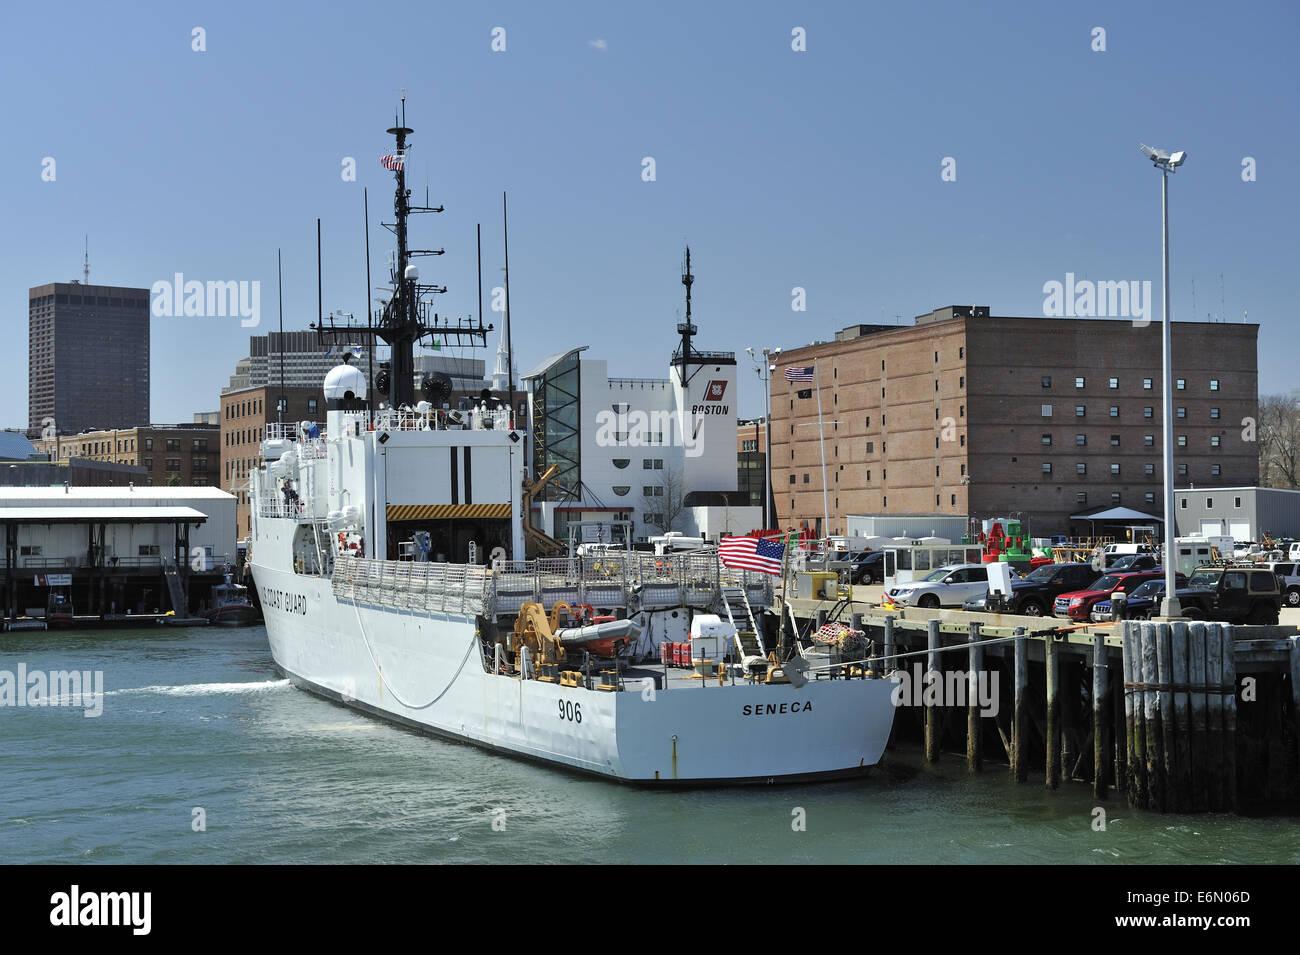 Us Coast Guard Cutter Quot Seneca Quot Wmec 906 Moored On